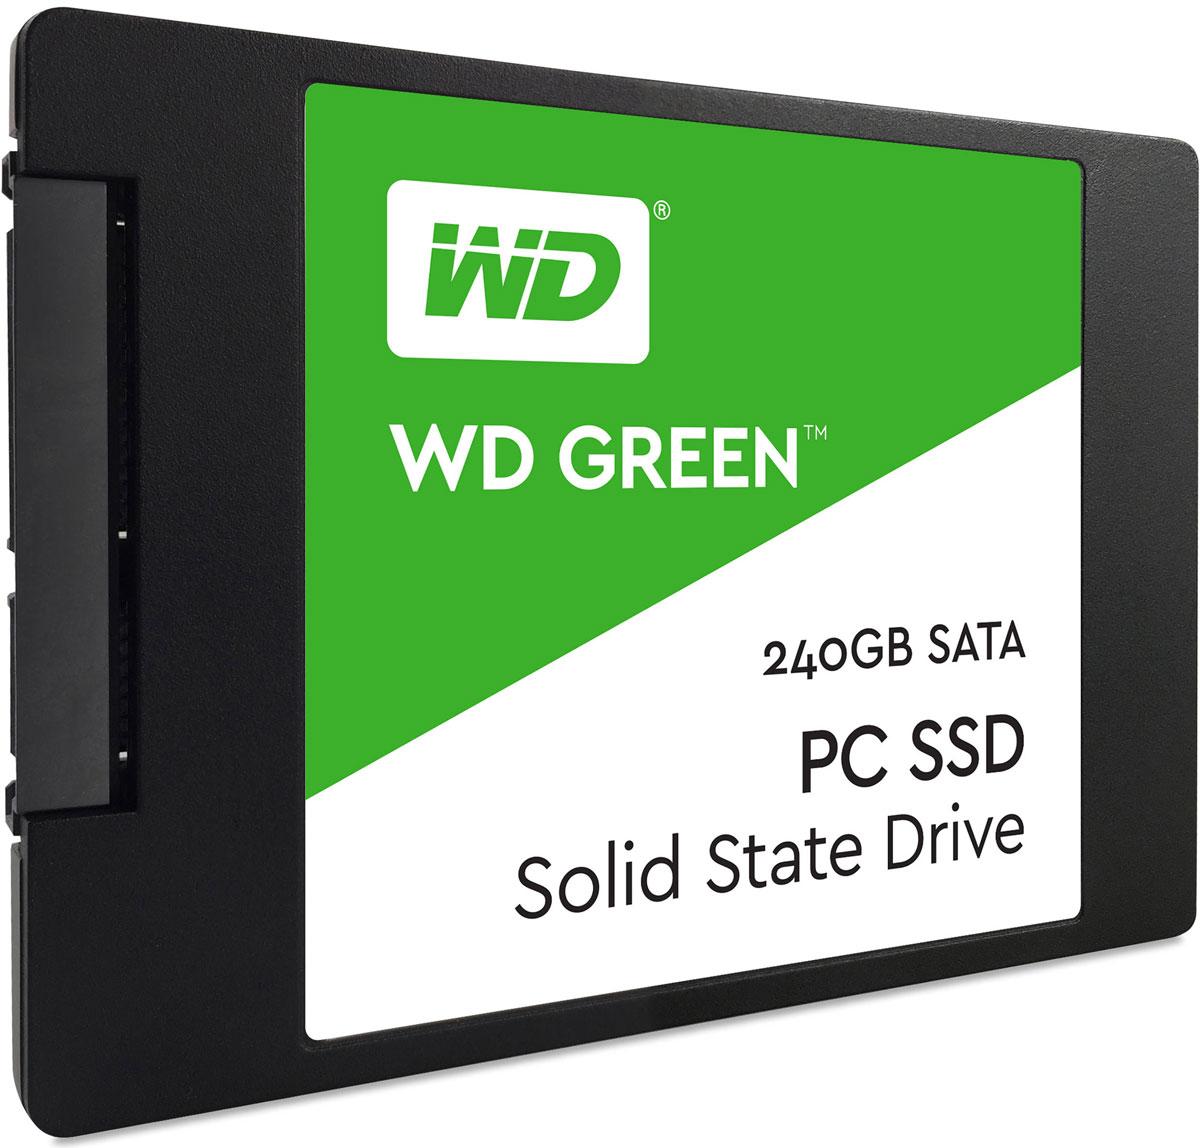 WD Green 240GB SSD-накопитель (WDS240G1G0A)WDS240G1G0AБлагодаря высокому быстродействию и надежности твердотельных накопителей WD Green повседневные задачи на ноутбуках и настольных ПК выполняются значительно быстрее. Благодаря высокому быстродействию за счет использования в WD Green твердотельного SATA-накопителя просмотр веб-страниц, игры или просто запуск системы будут происходить в мгновение ока. Легкие и ударостойкие твердотельные накопители WD Green не содержат подвижных частей, благодаря чему данным не страшны случайные удары или падения накопителя. Твердотельные накопители WD Green - одни из самых экономных накопителей в отрасли. Благодаря низкому потреблению энергии ноутбук сможет проработать дольше. Доступная для скачивания панель мониторинга SSD-накопителей WD предоставляет набор инструментов, с помощью которых можно в любой момент проверить доступную емкость, работоспособность, температуру, атрибуты SMART и другие параметры своего твердотельного накопителя. На каждый...